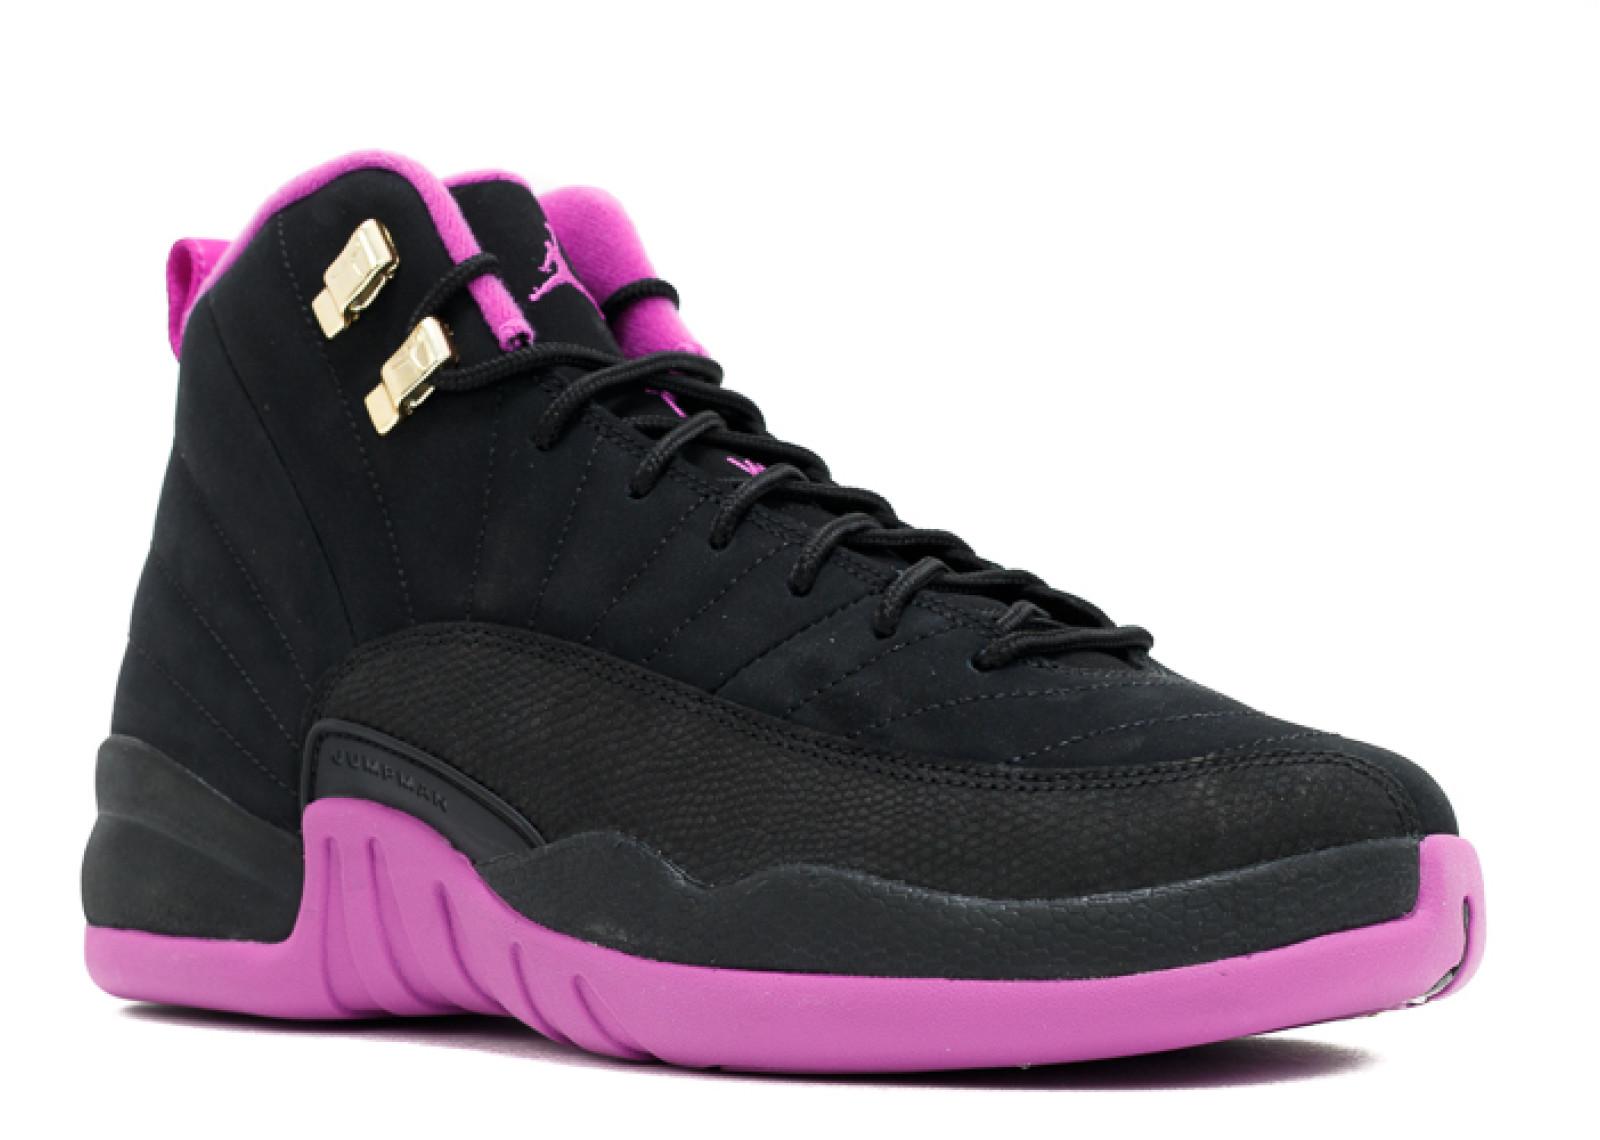 589a3b8b425 Air Jordan 12 Retro Gg (Gs) 'Kings' - 510815-018 - Size 8.5